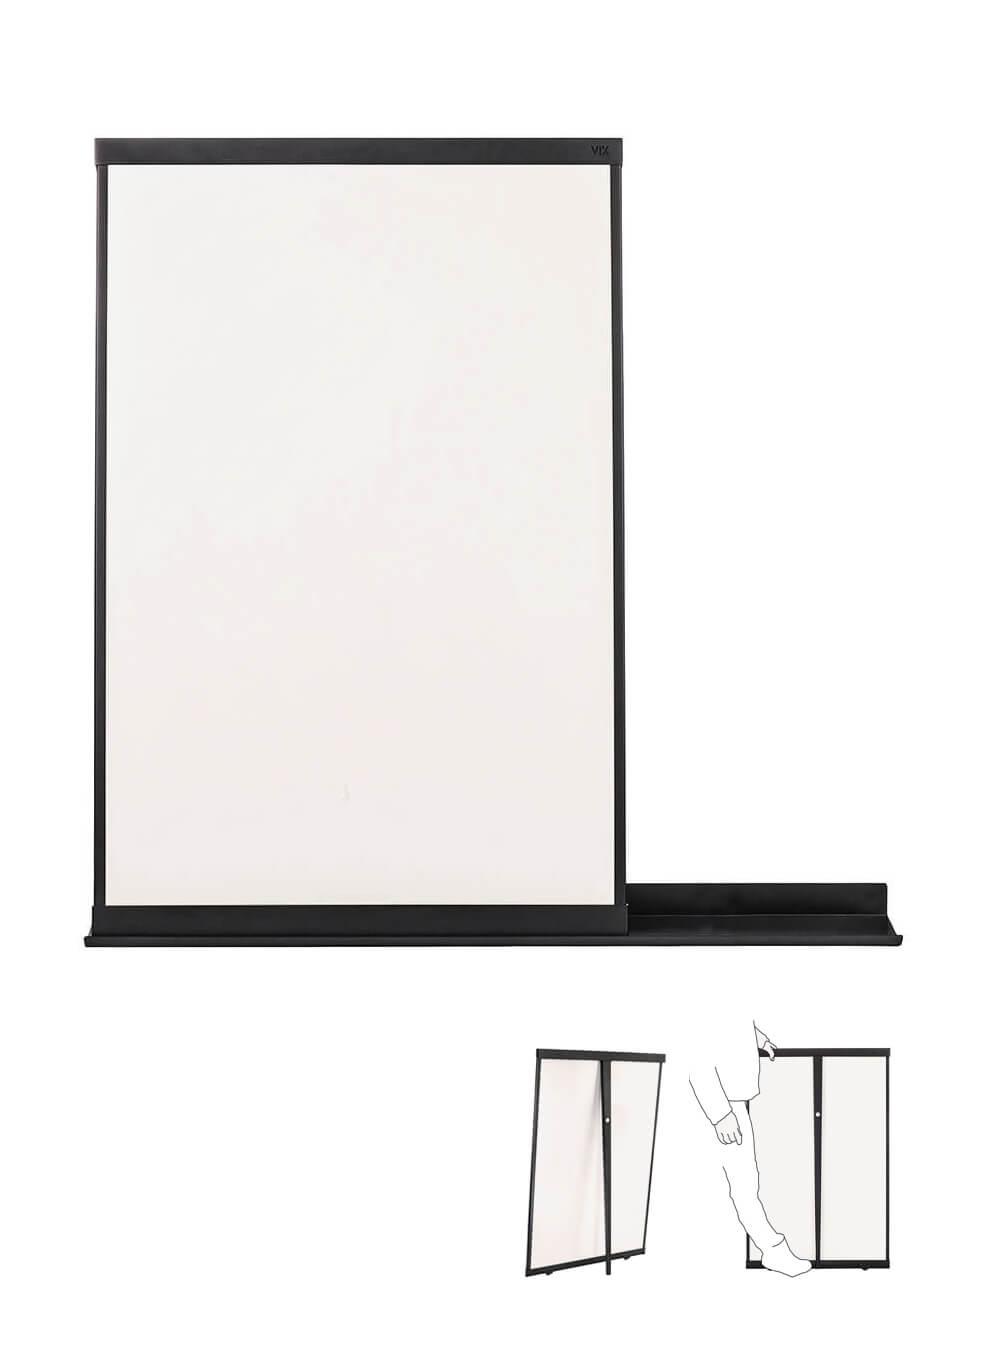 Stijlvol whiteboard / flip-over, multifunctioneel en overal te plaatsen